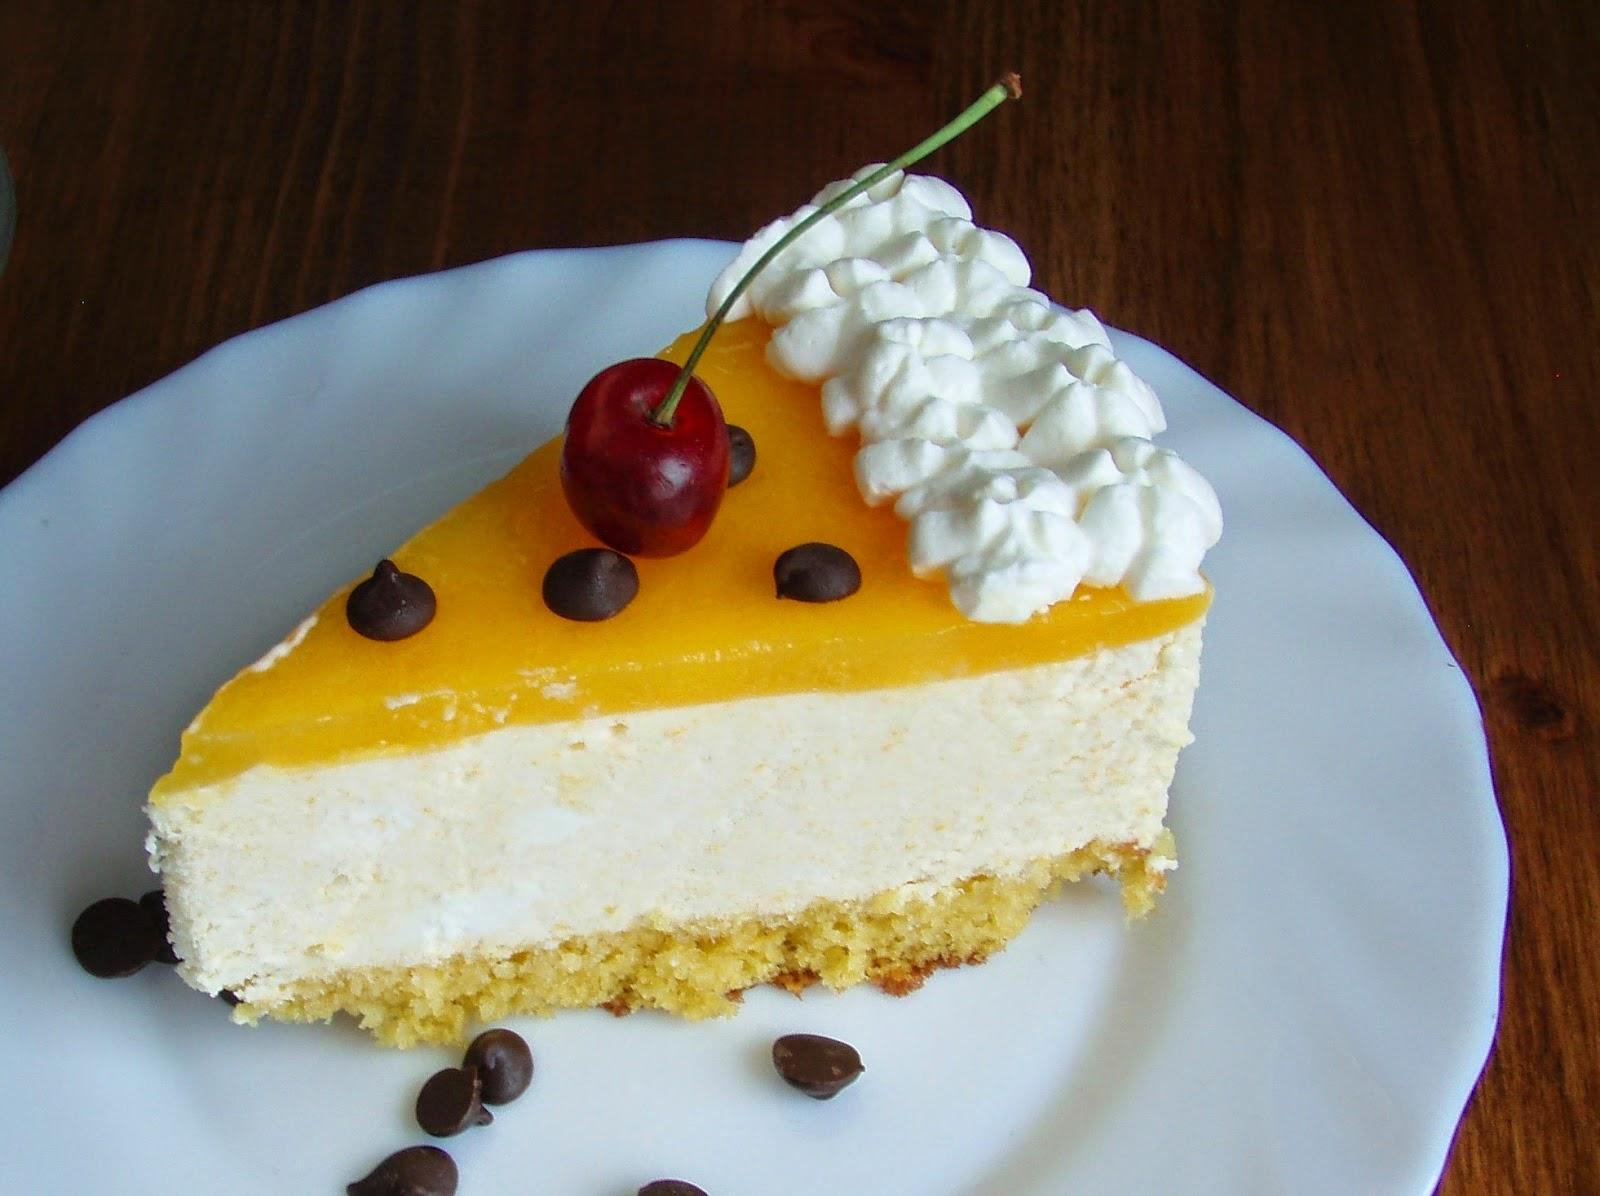 Tarta de whisky–замороженный торт, в его состав входит бисквит, яичный крем,карамель и крошки миндаля. Сверху поливается виски.